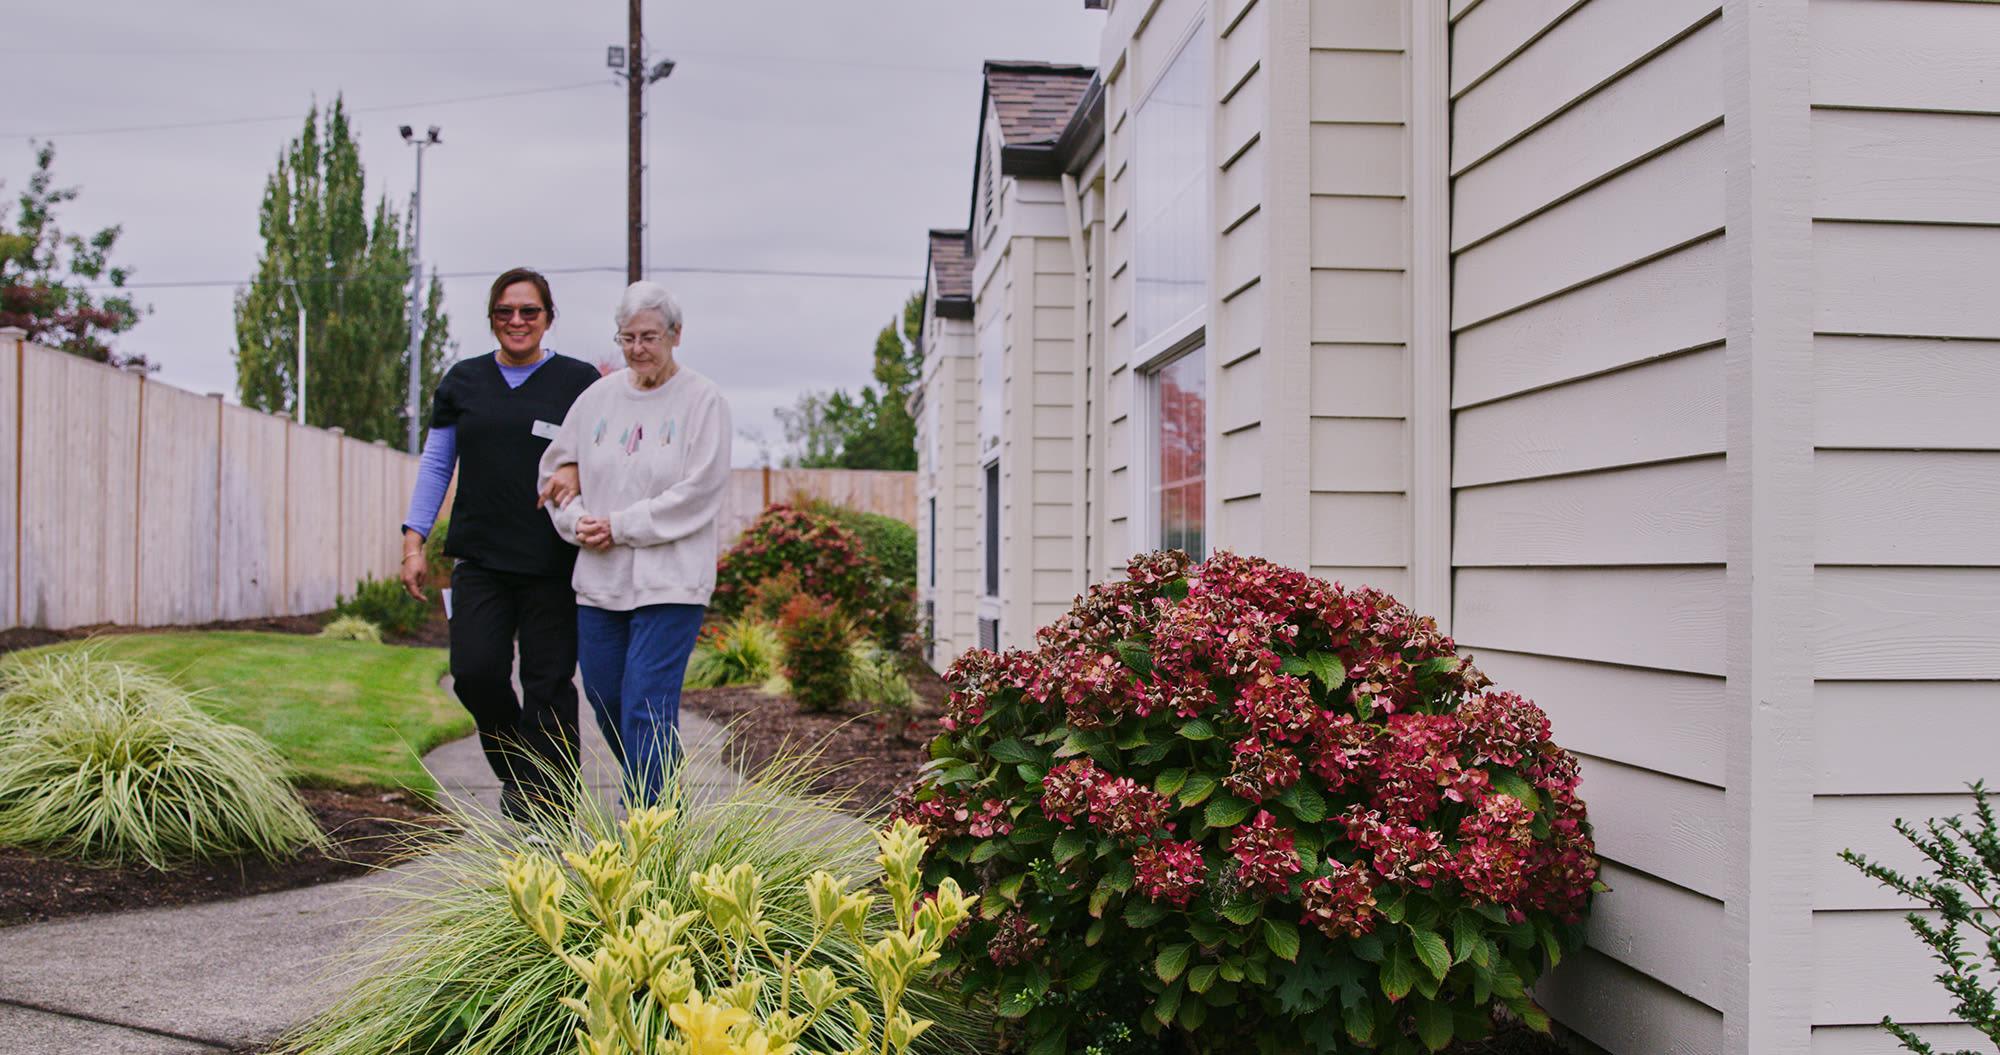 resident and a caretaker walking outside at Farmington Square Beaverton in Beaverton, Oregon